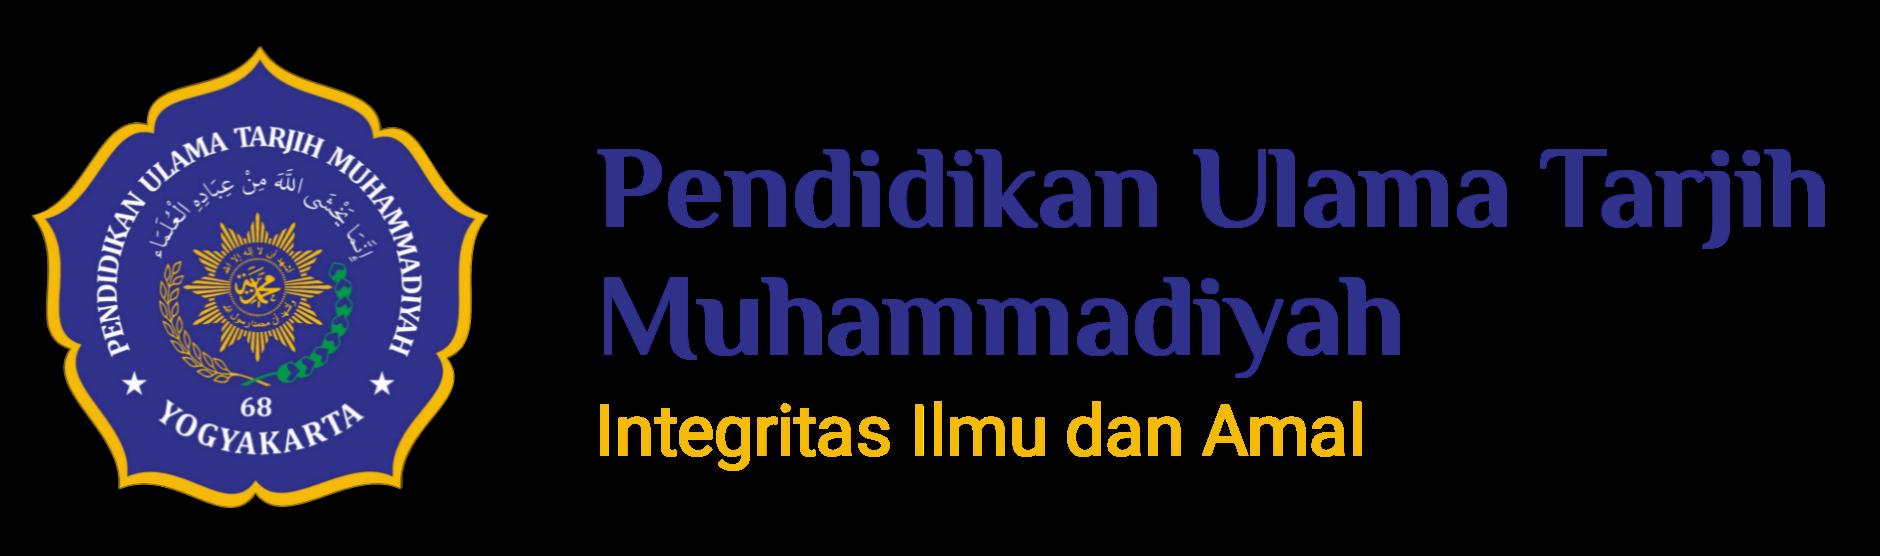 Pendidikan Ulama Tarjih Muhammadiyah